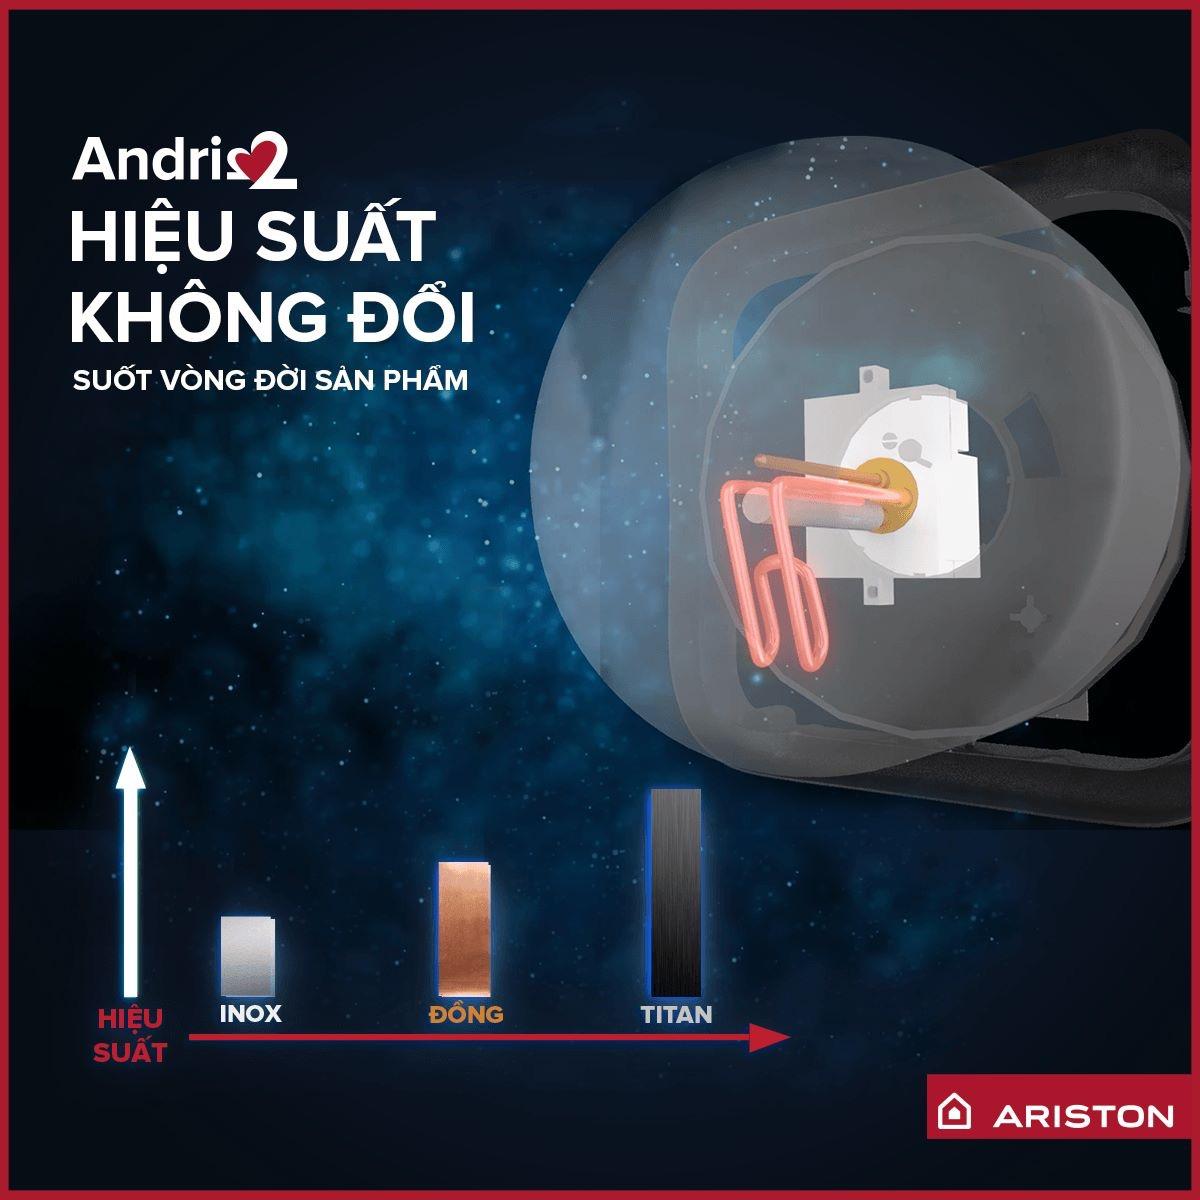 Bình nước nóng Ariston ANDRIS LUX 6 UE ( lắp phía dưới bồn rửa) 2